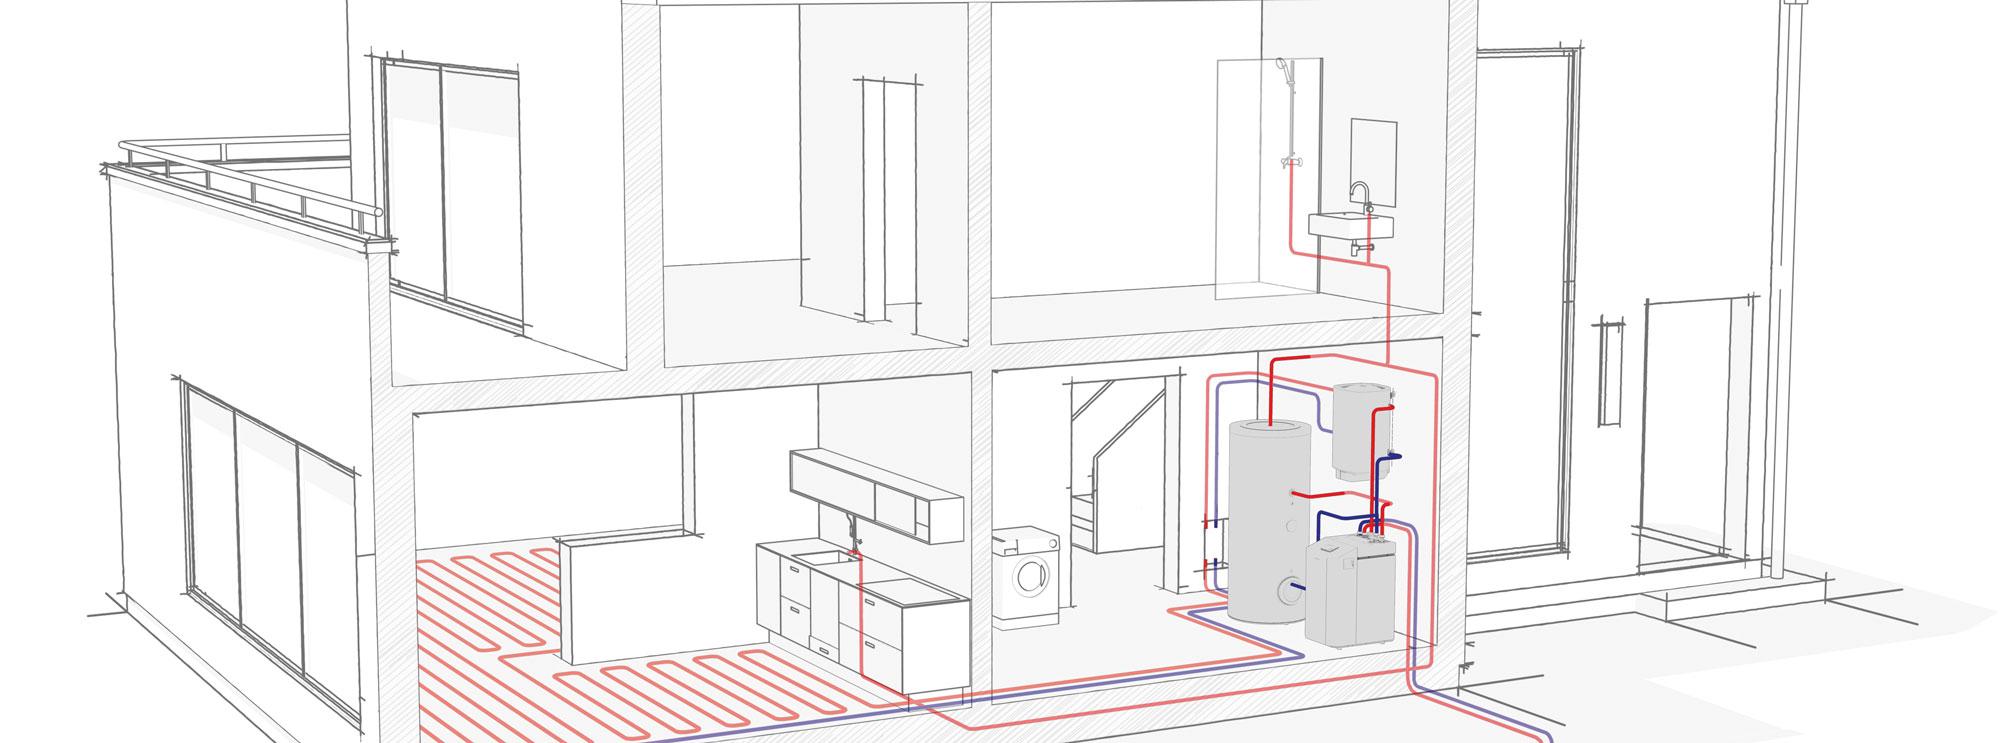 Podlahové vykurovanie a chladenie